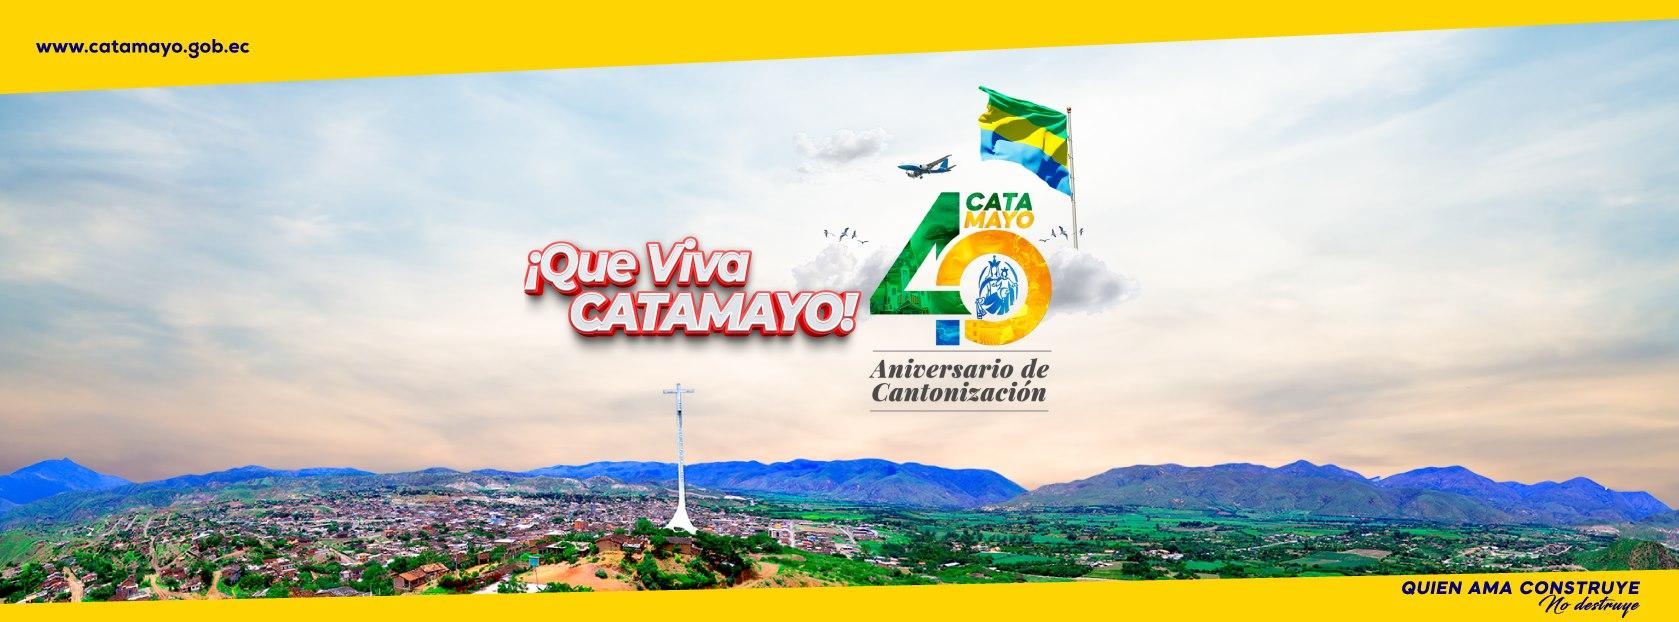 40 Años de cantonización de catamayo